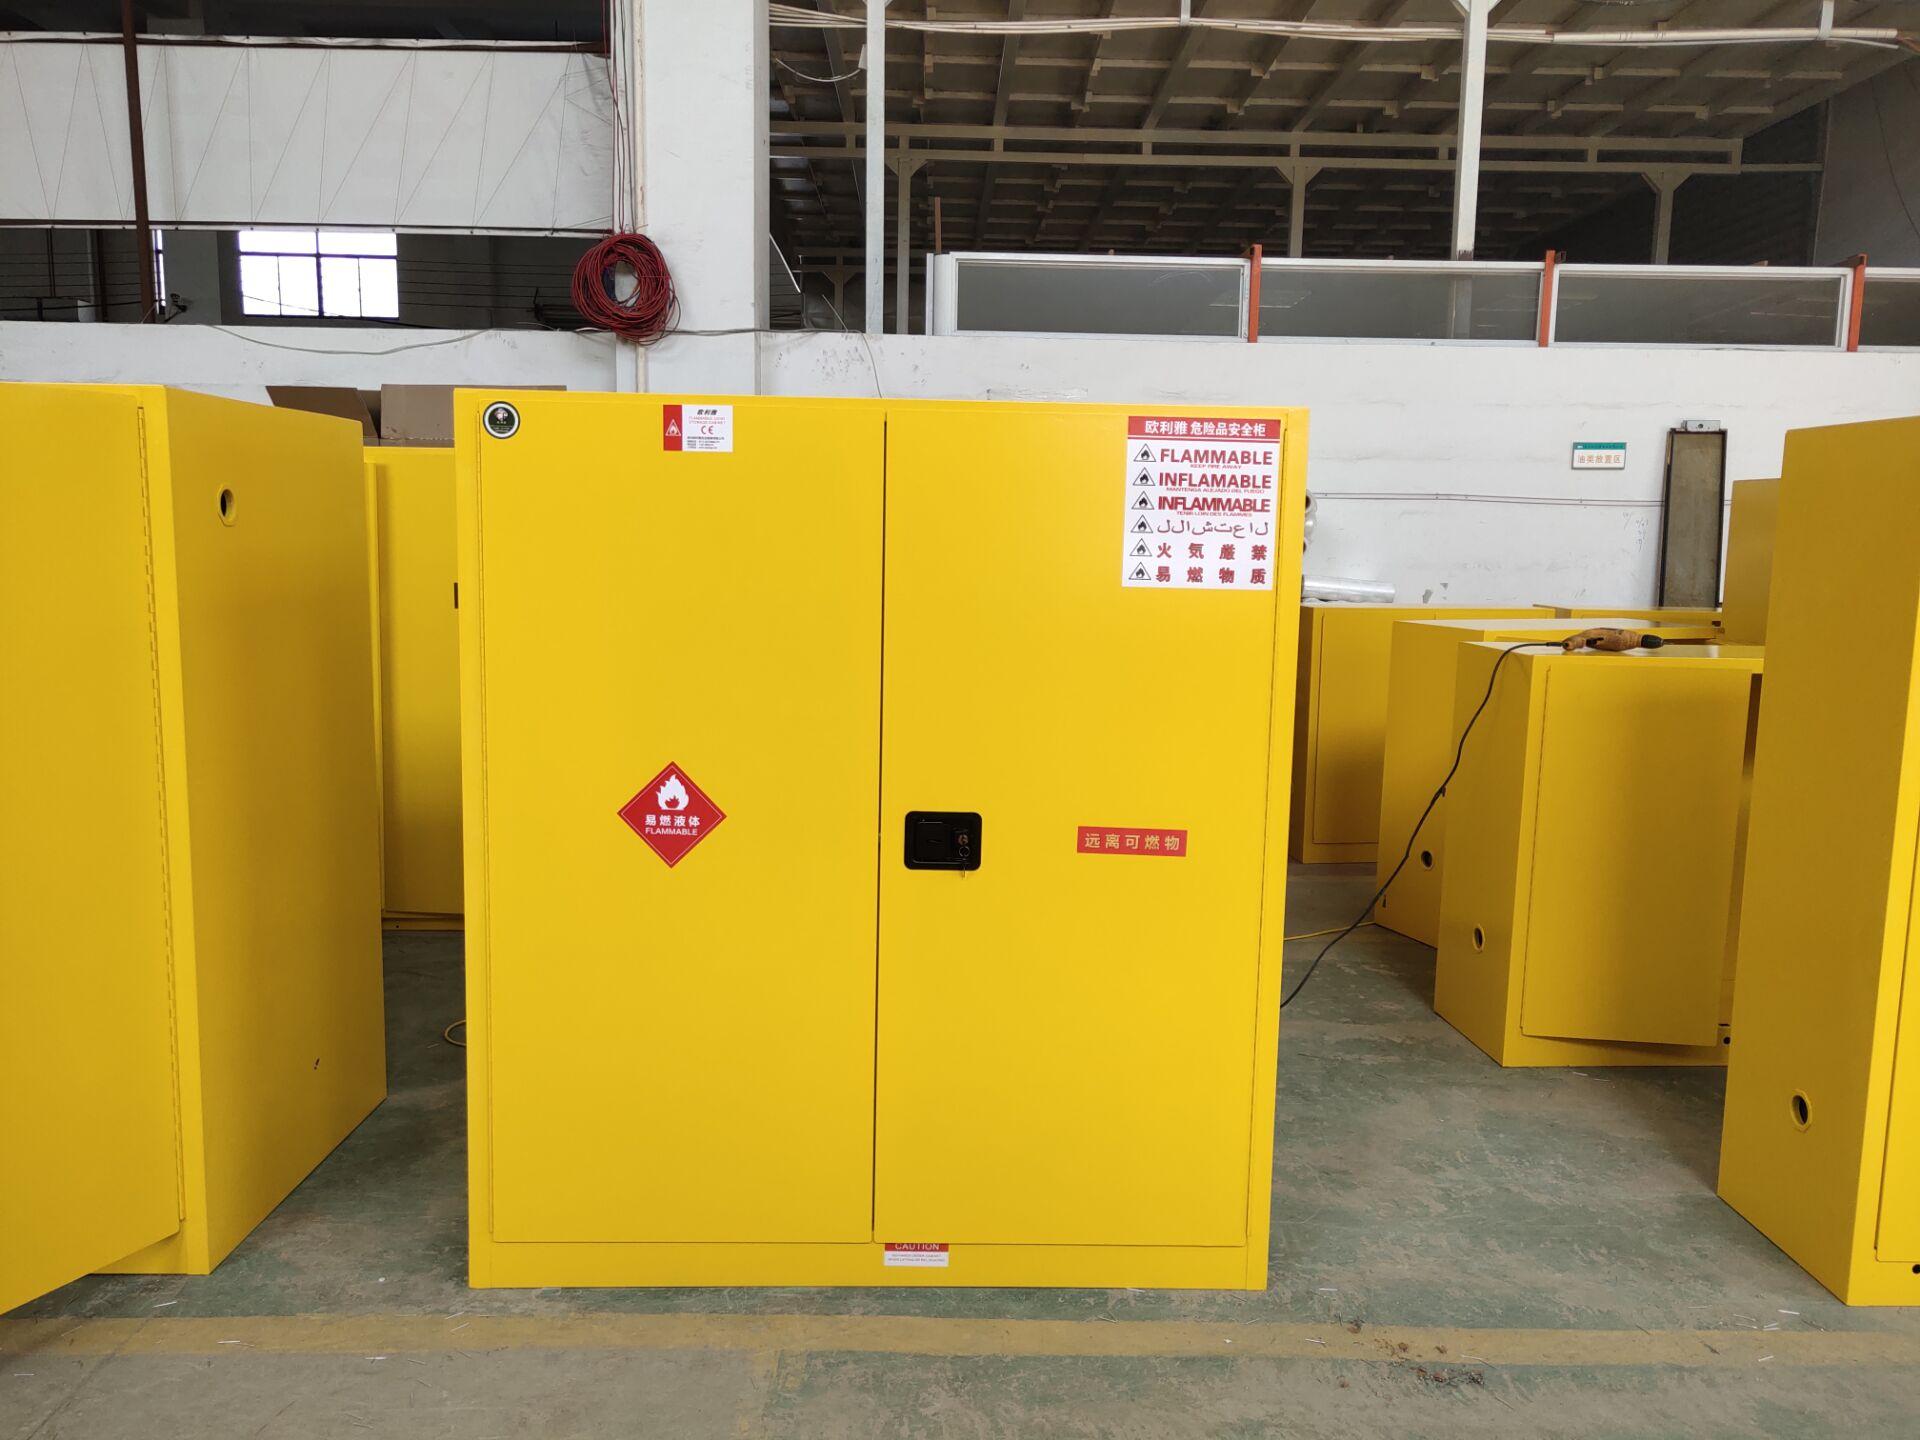 铁岭安全柜 45加仑危险化学品安全柜 欧盟CE认证 弱腐蚀化学品柜